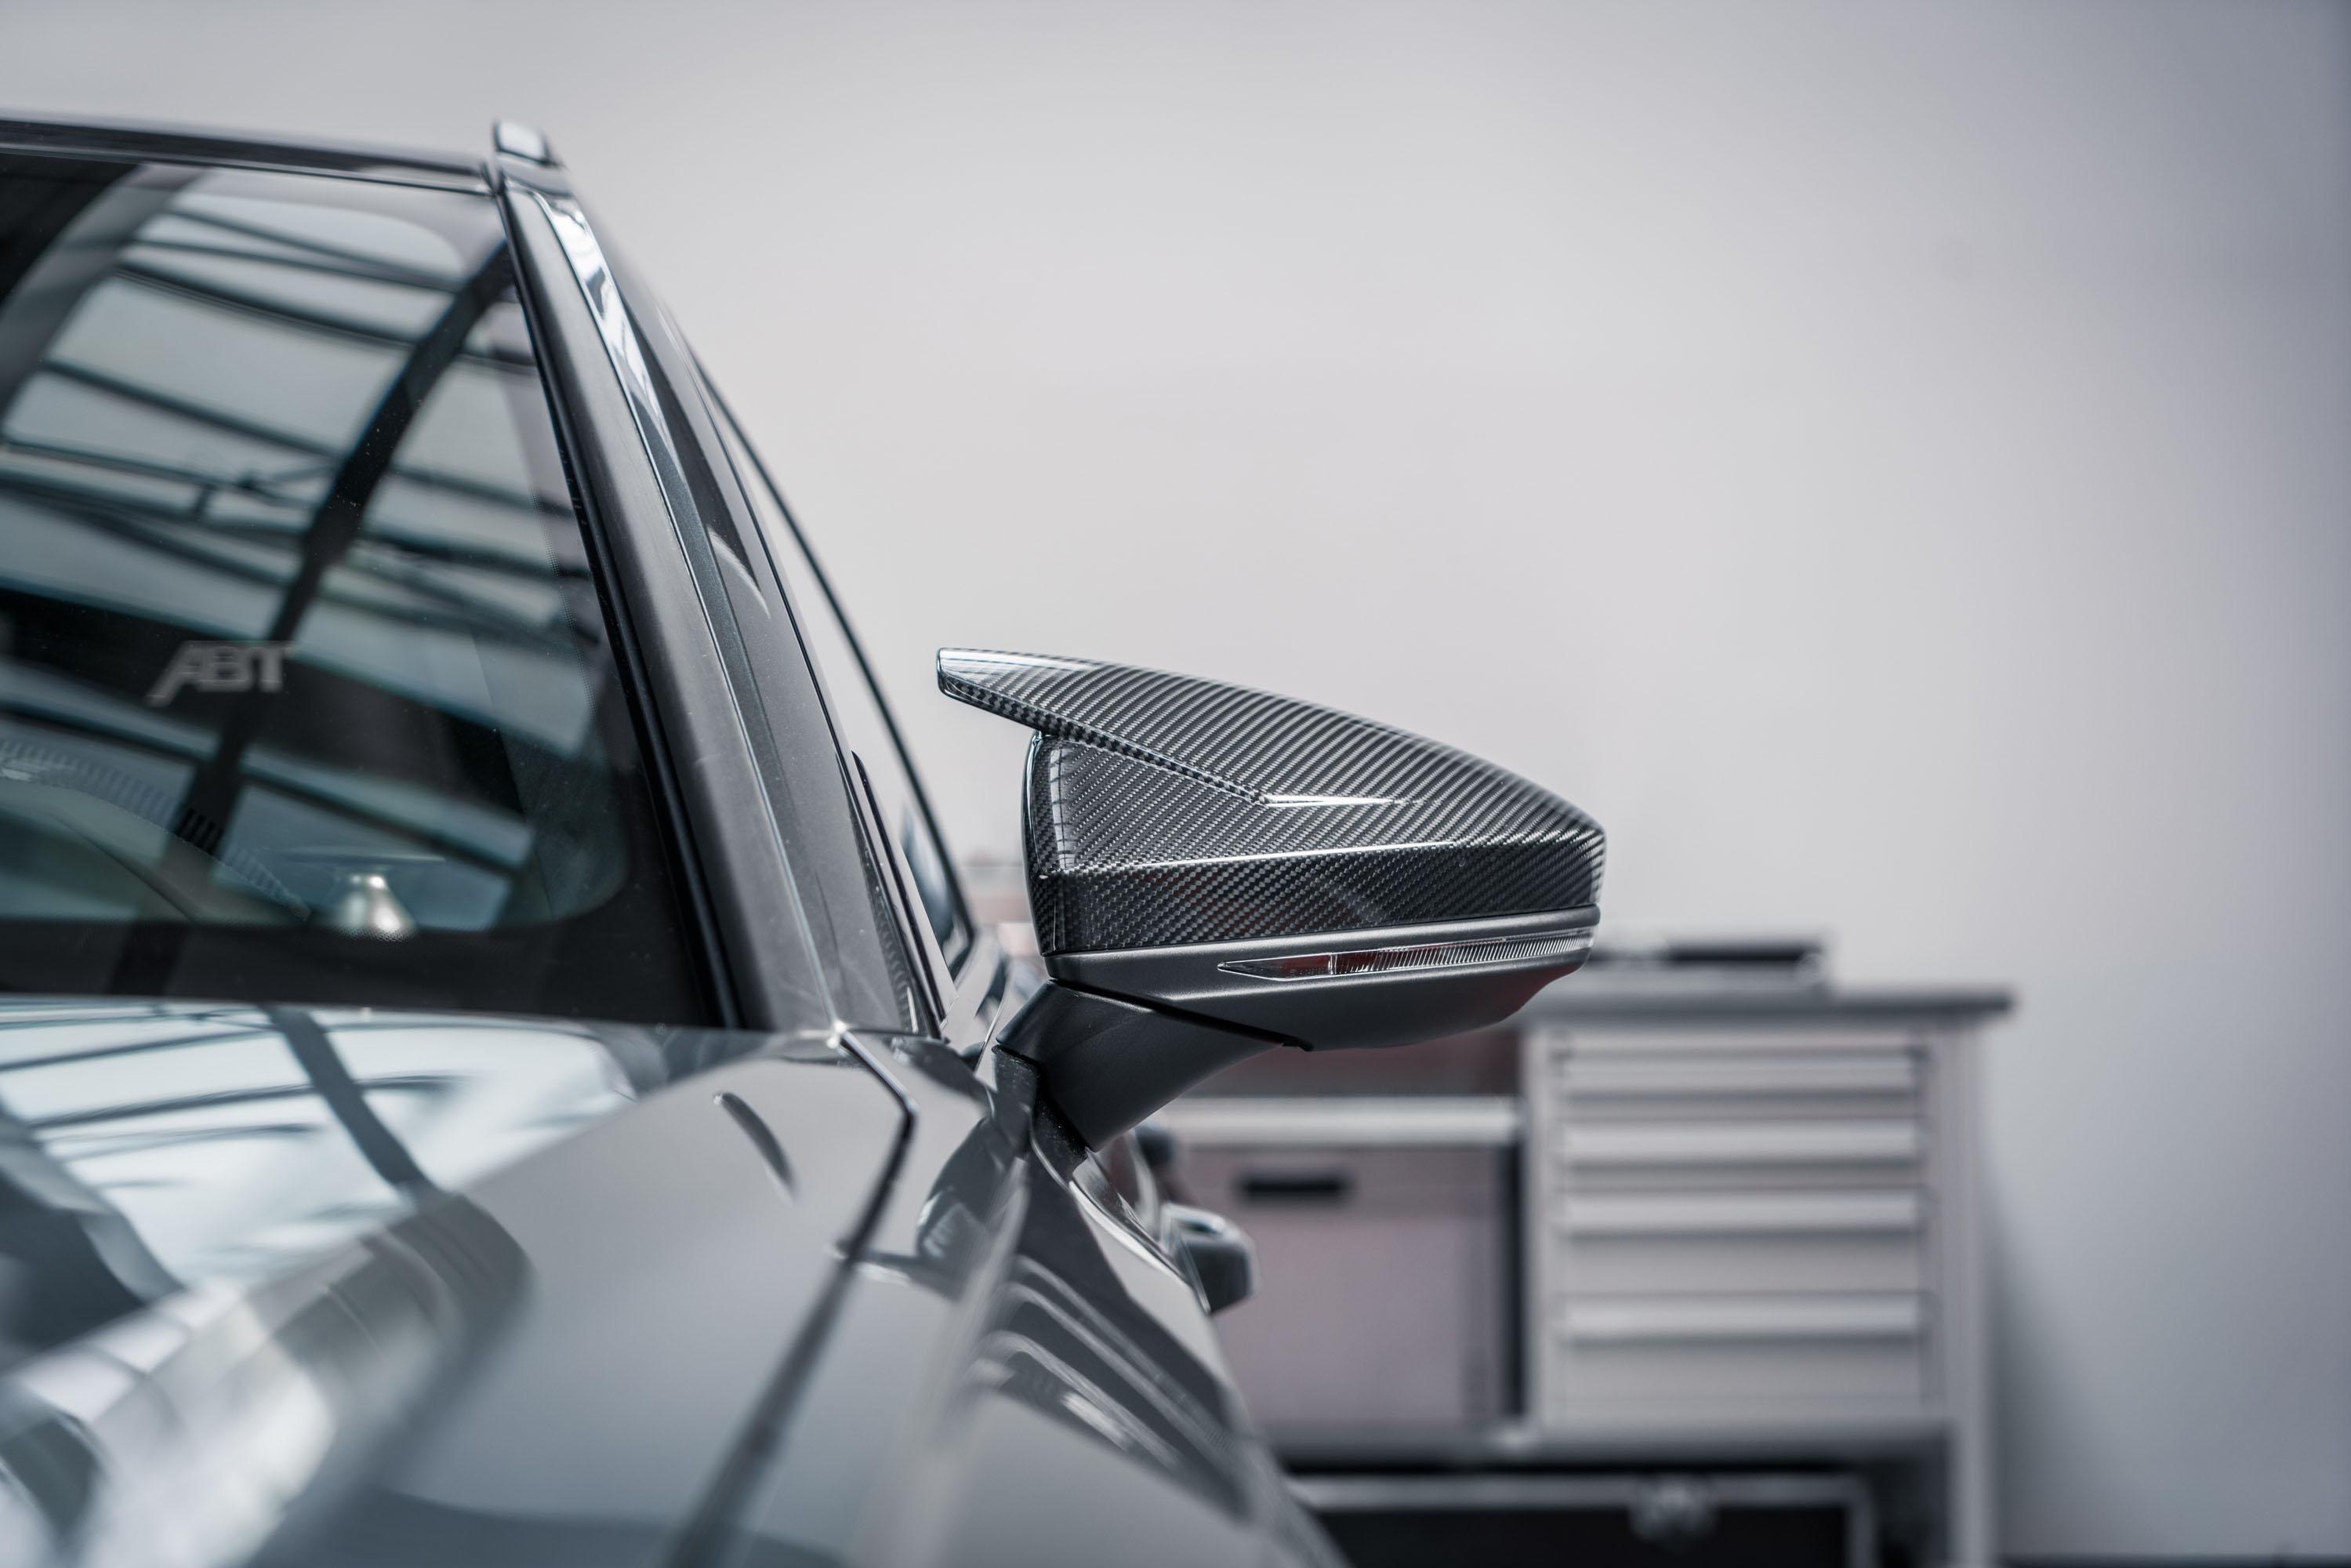 ABT Audi RS6-R photo #2